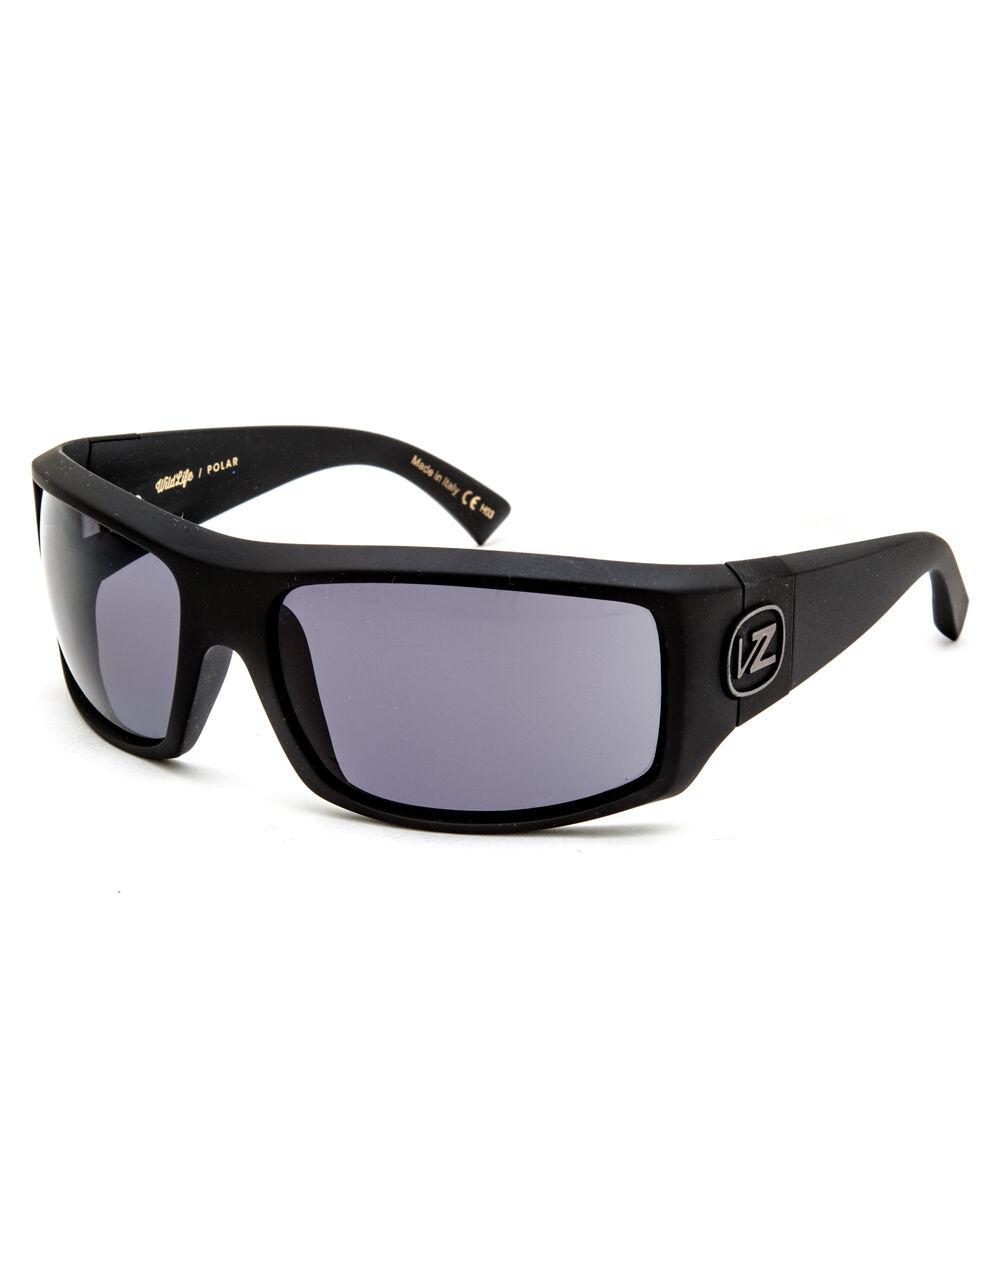 VONZIPPER Clutch Matte Black & Grey Wildlife Sunglasses